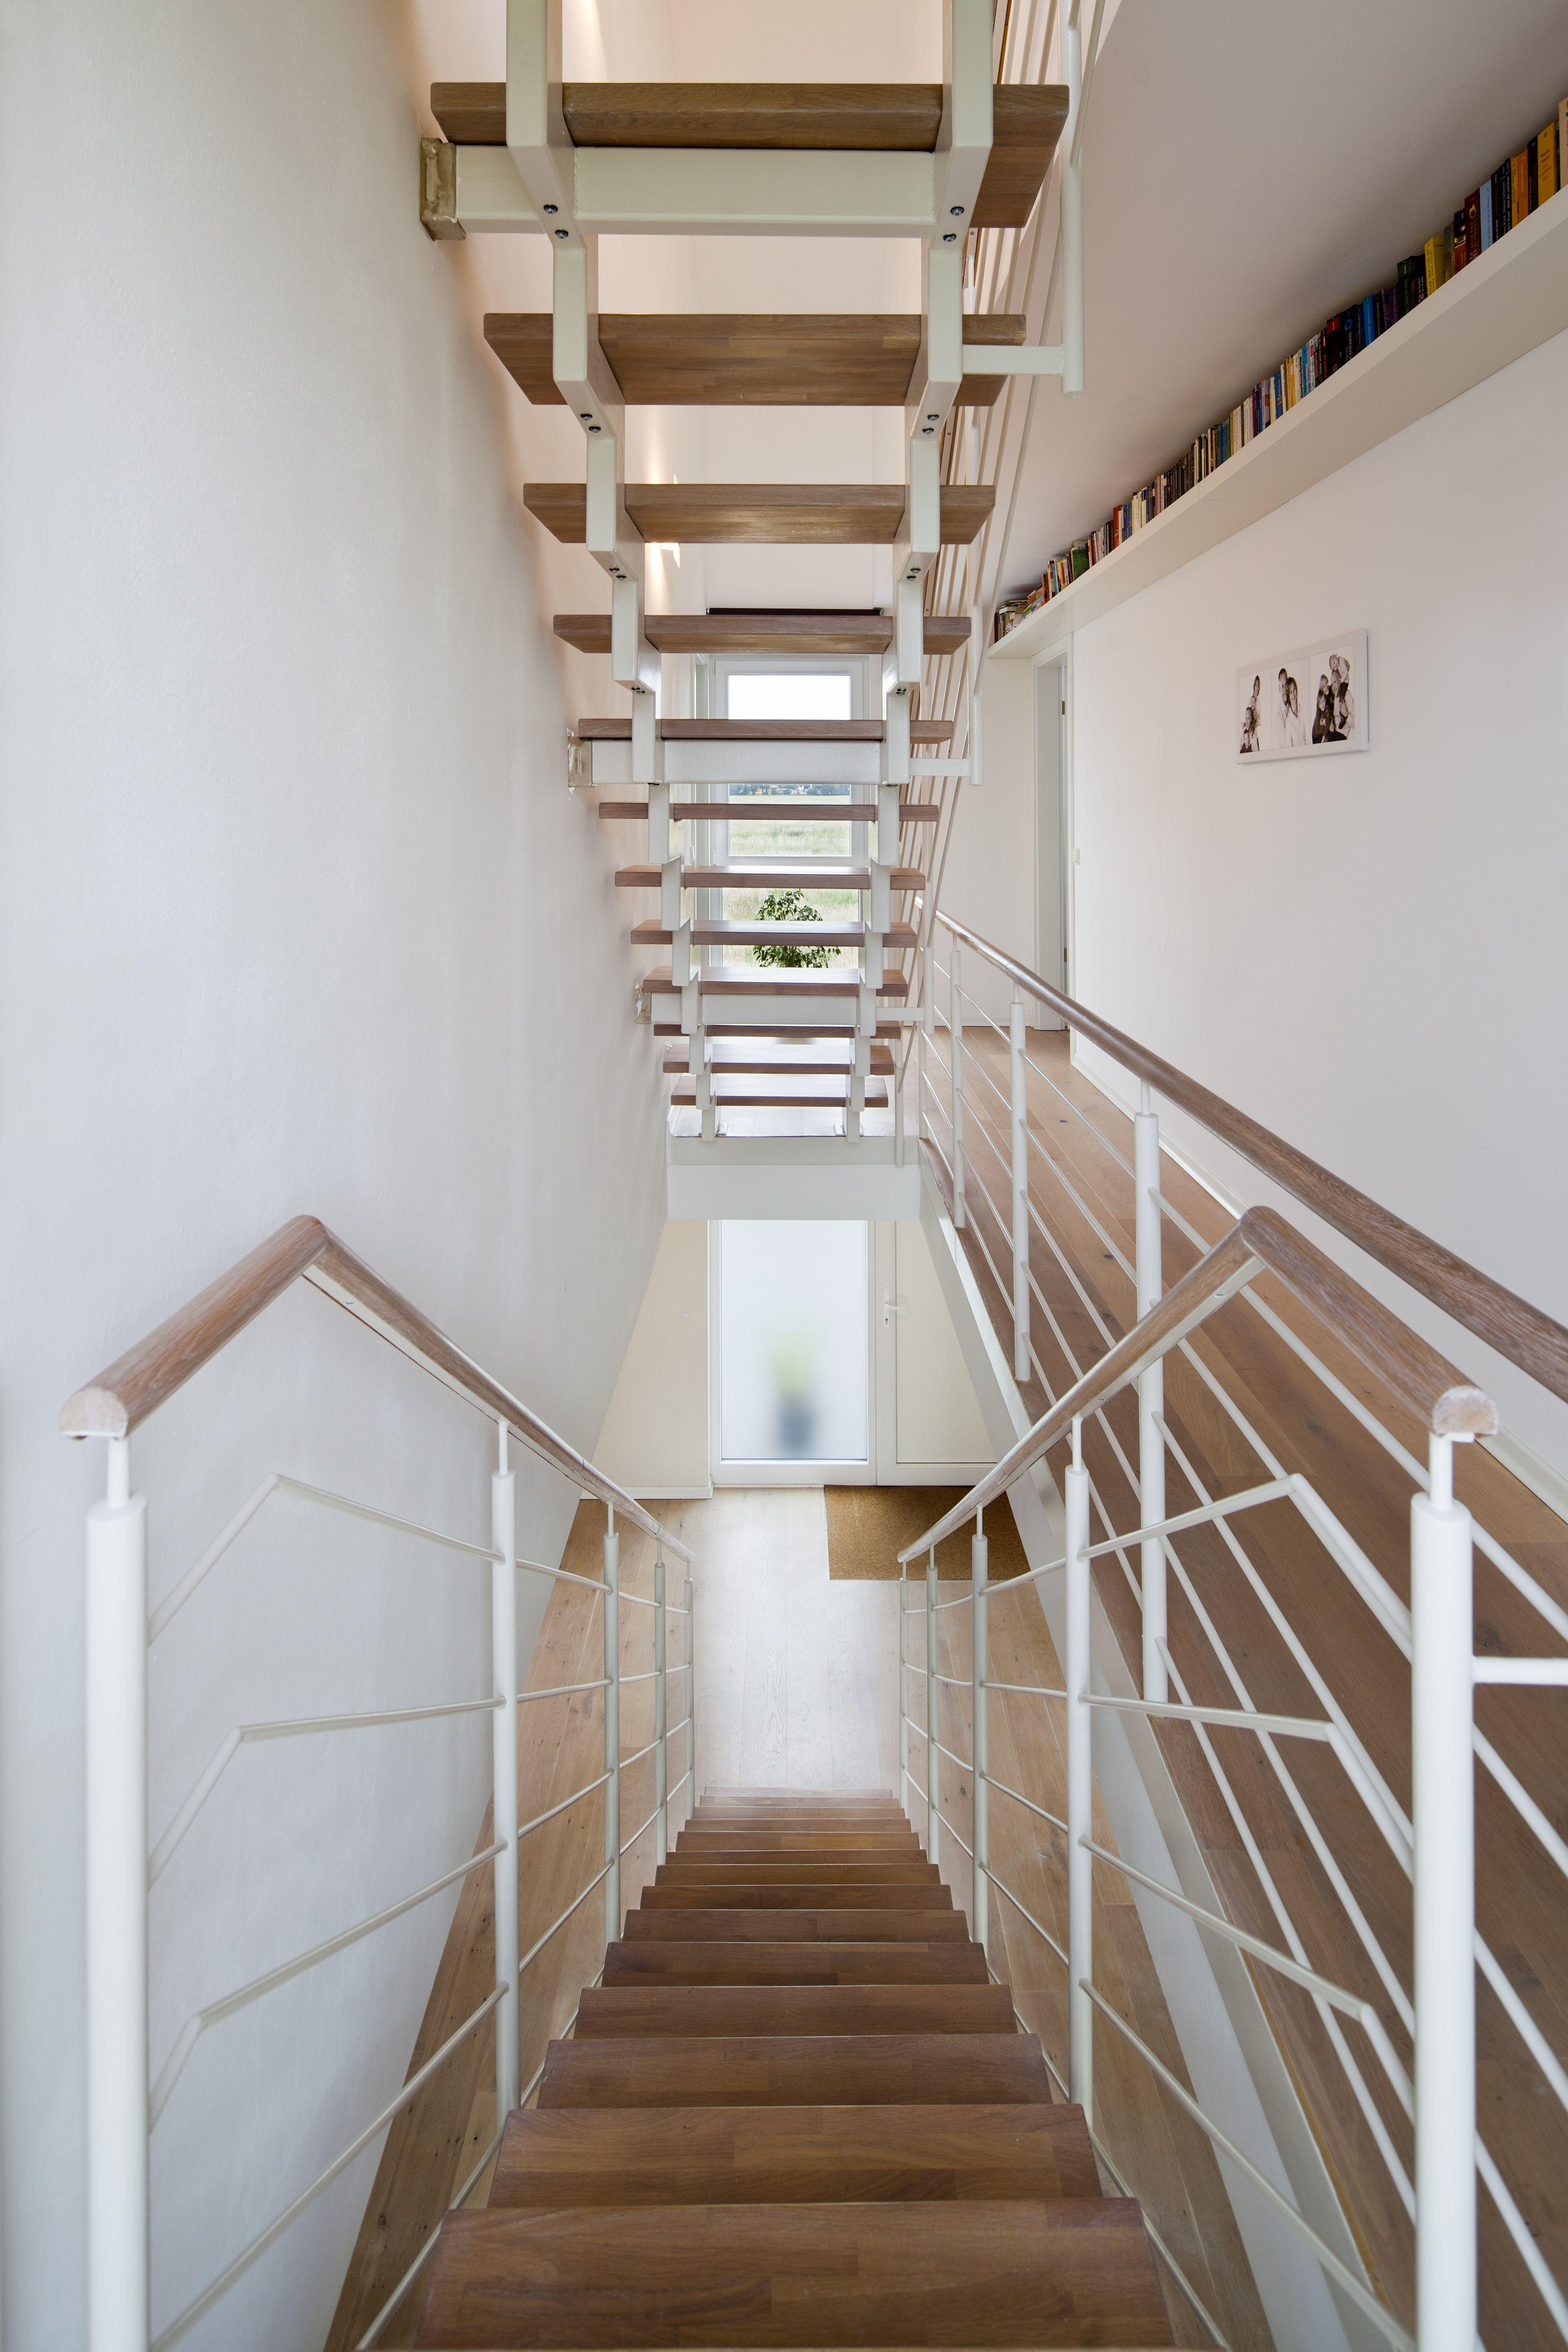 Haus K zentrales Treppenhaus Flur mit offener Treppe und Luftraum stkn architekten